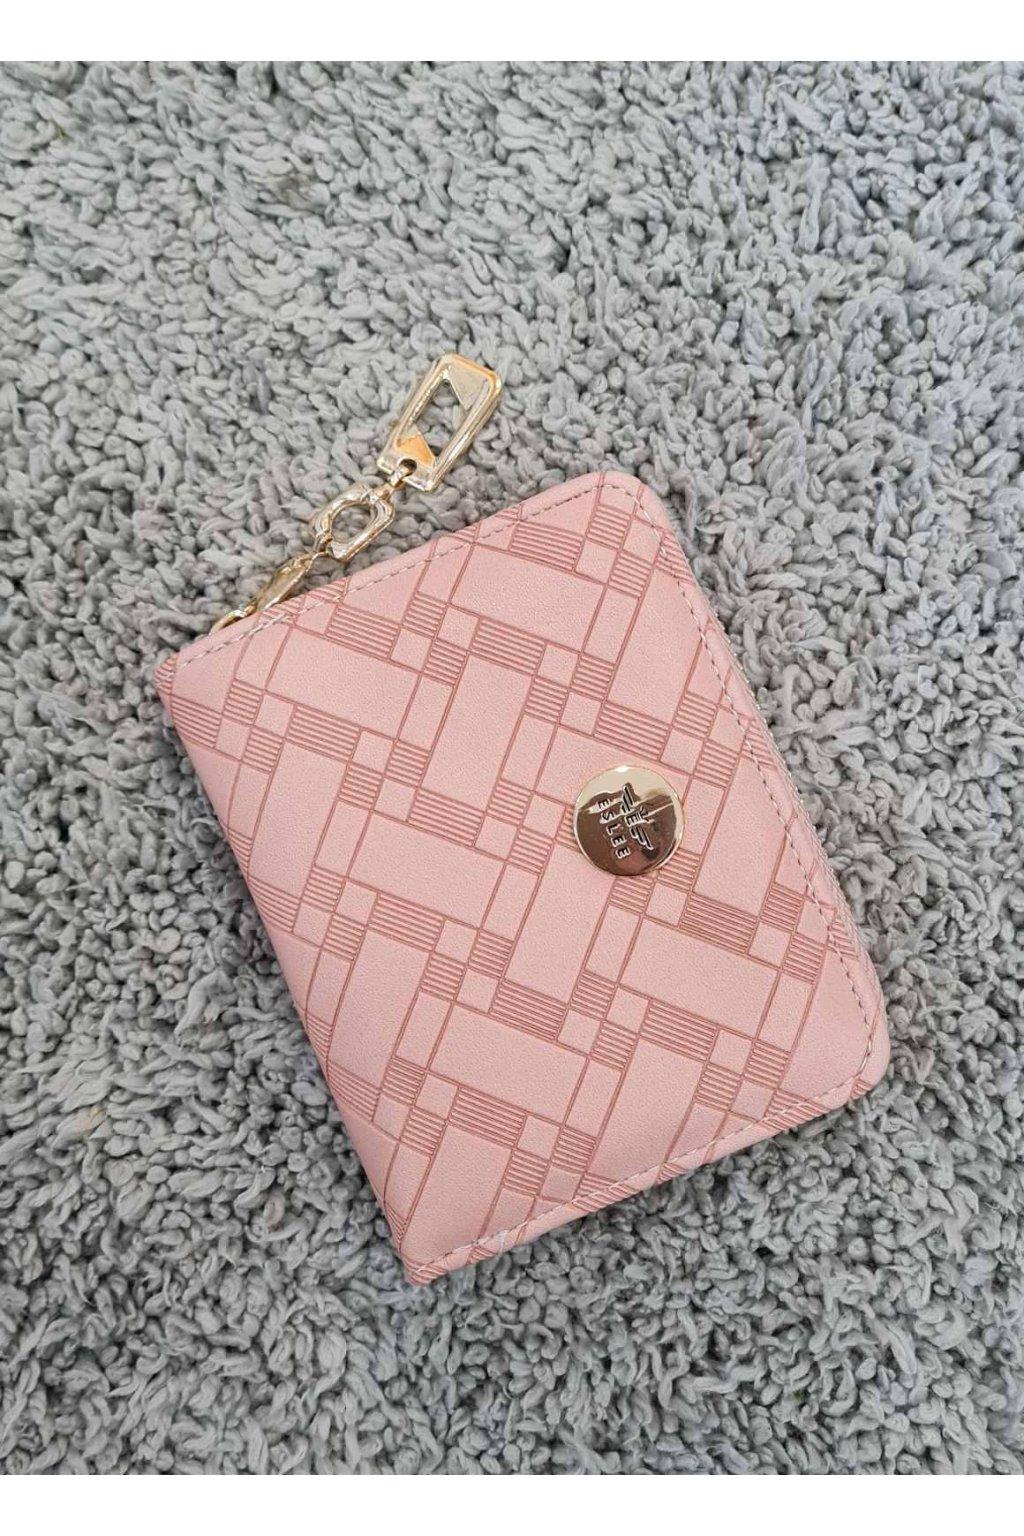 Dámská peněženka ELSLEE růžová